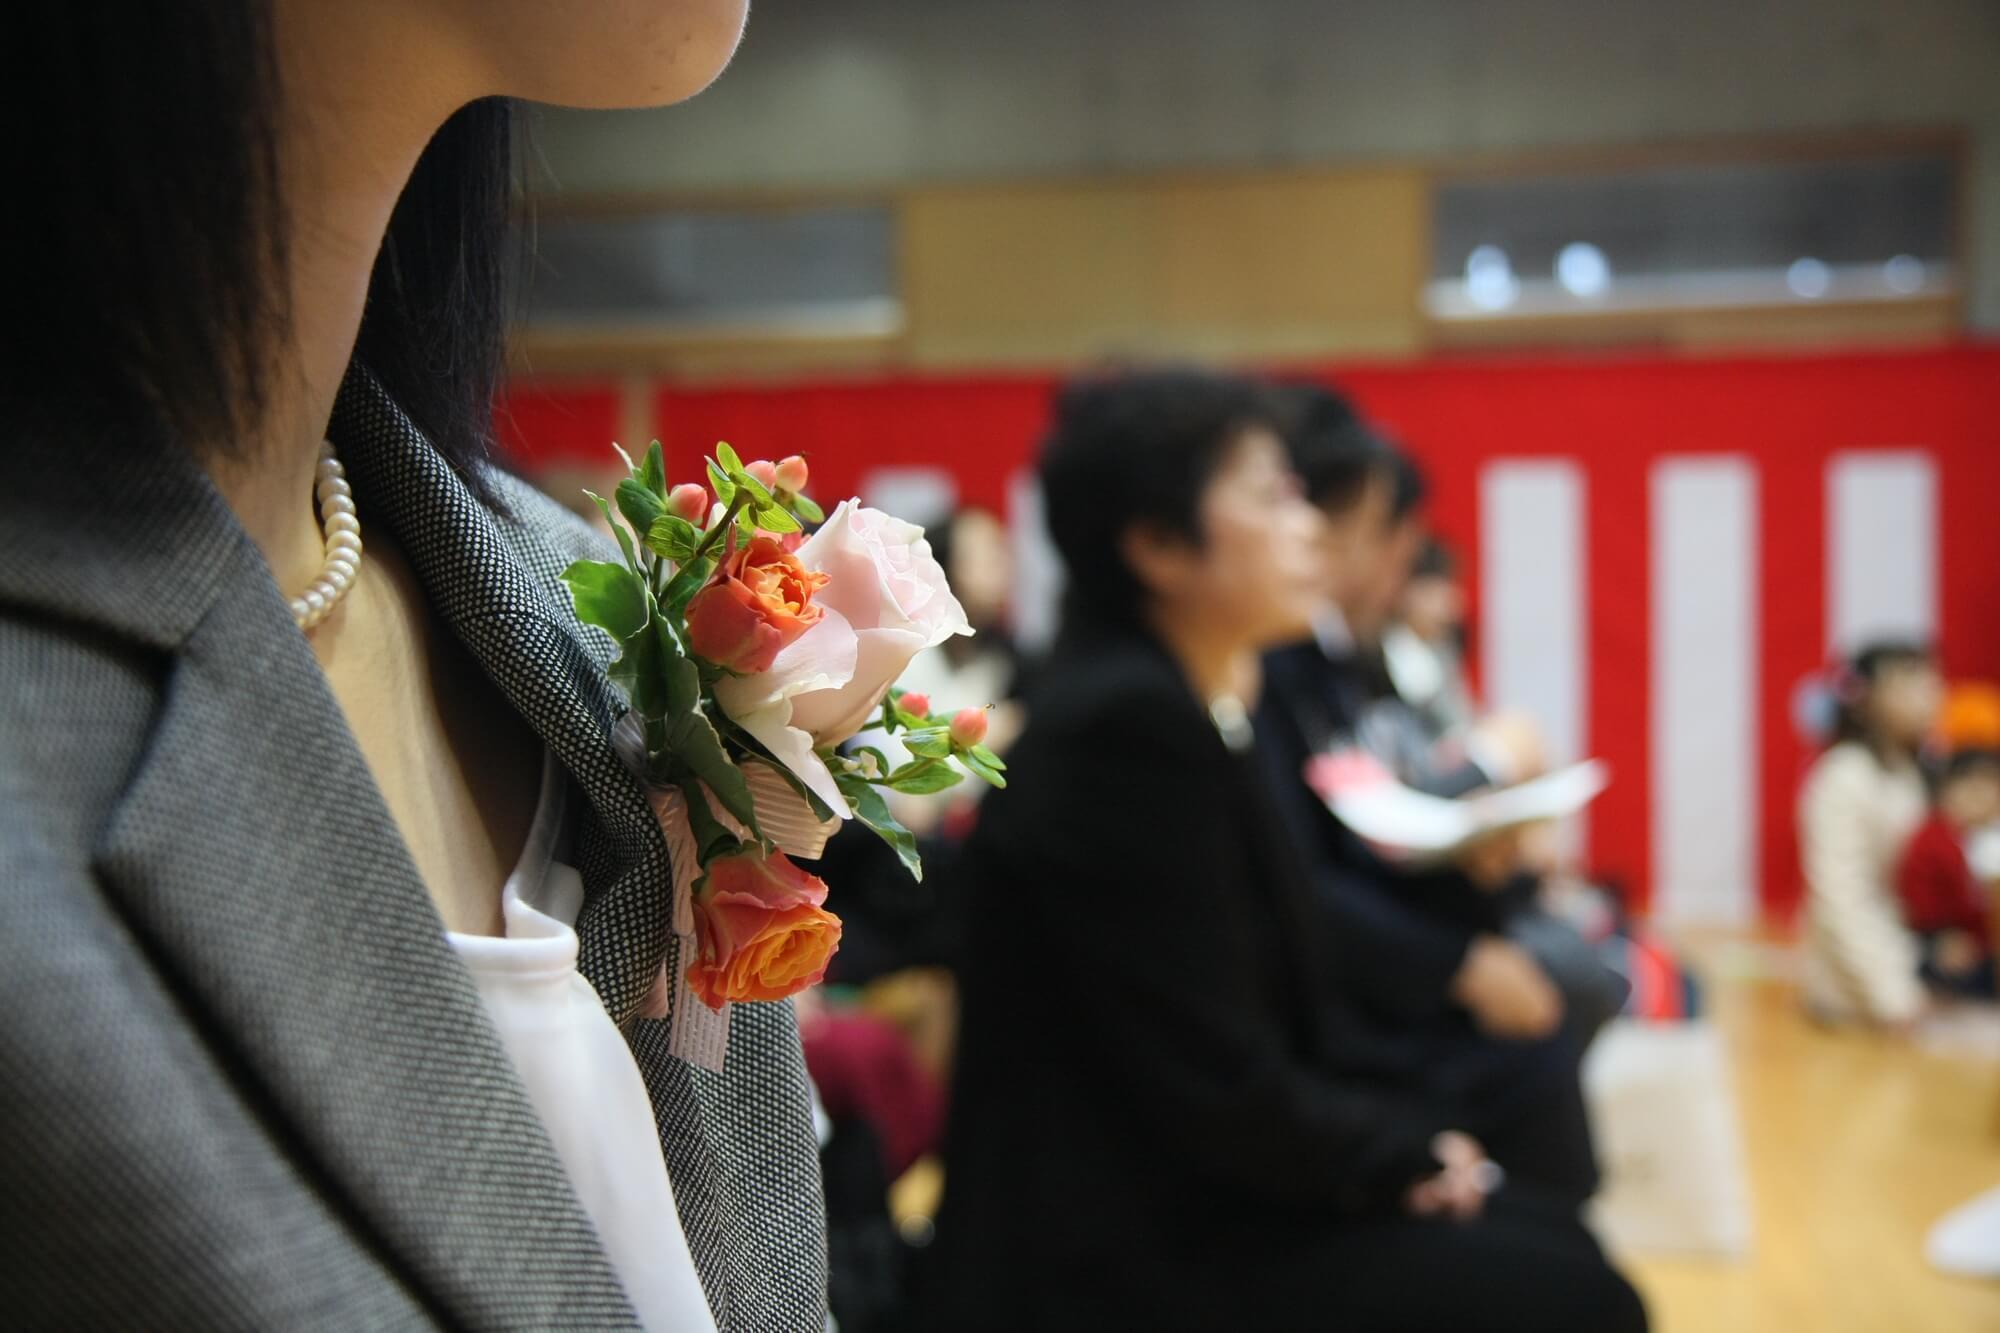 妊娠中の卒園式(卒業式)/謝恩会参加向けマタニティドレスを選ぼう!